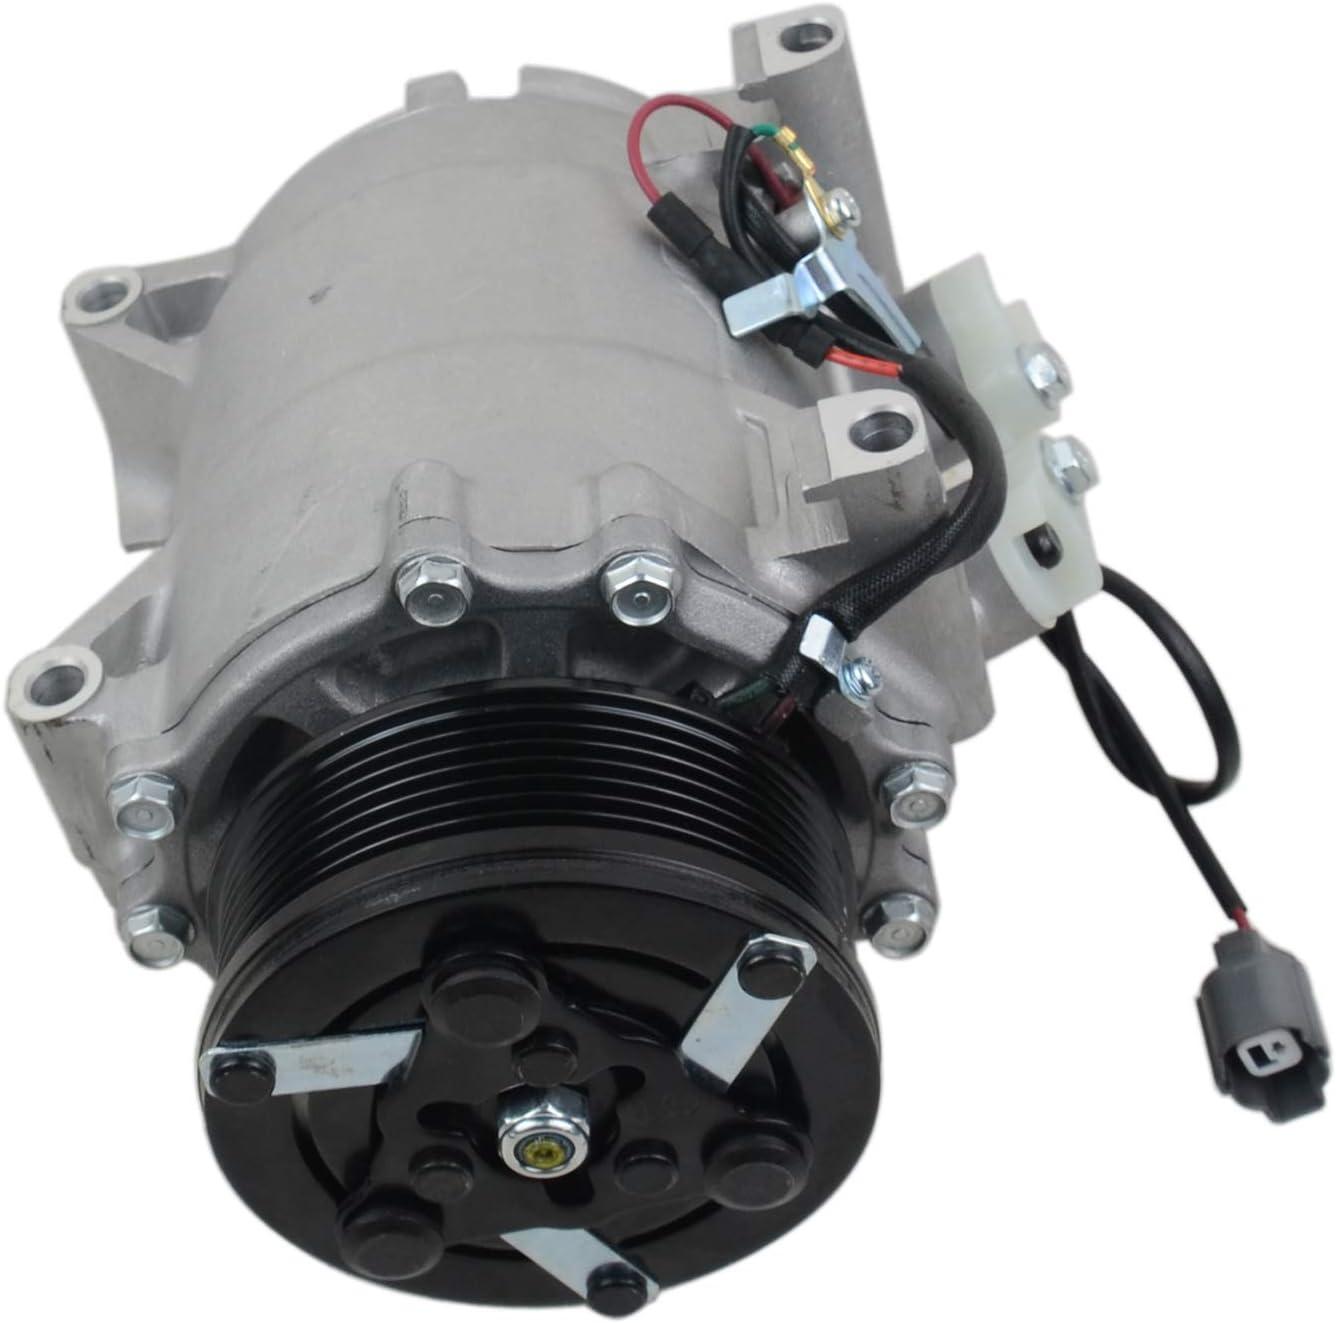 A//C Compressor with Clutch 38810-PNB-006 for 2002-2006 Honda CRV CR-V 2.4L 38810PNB006